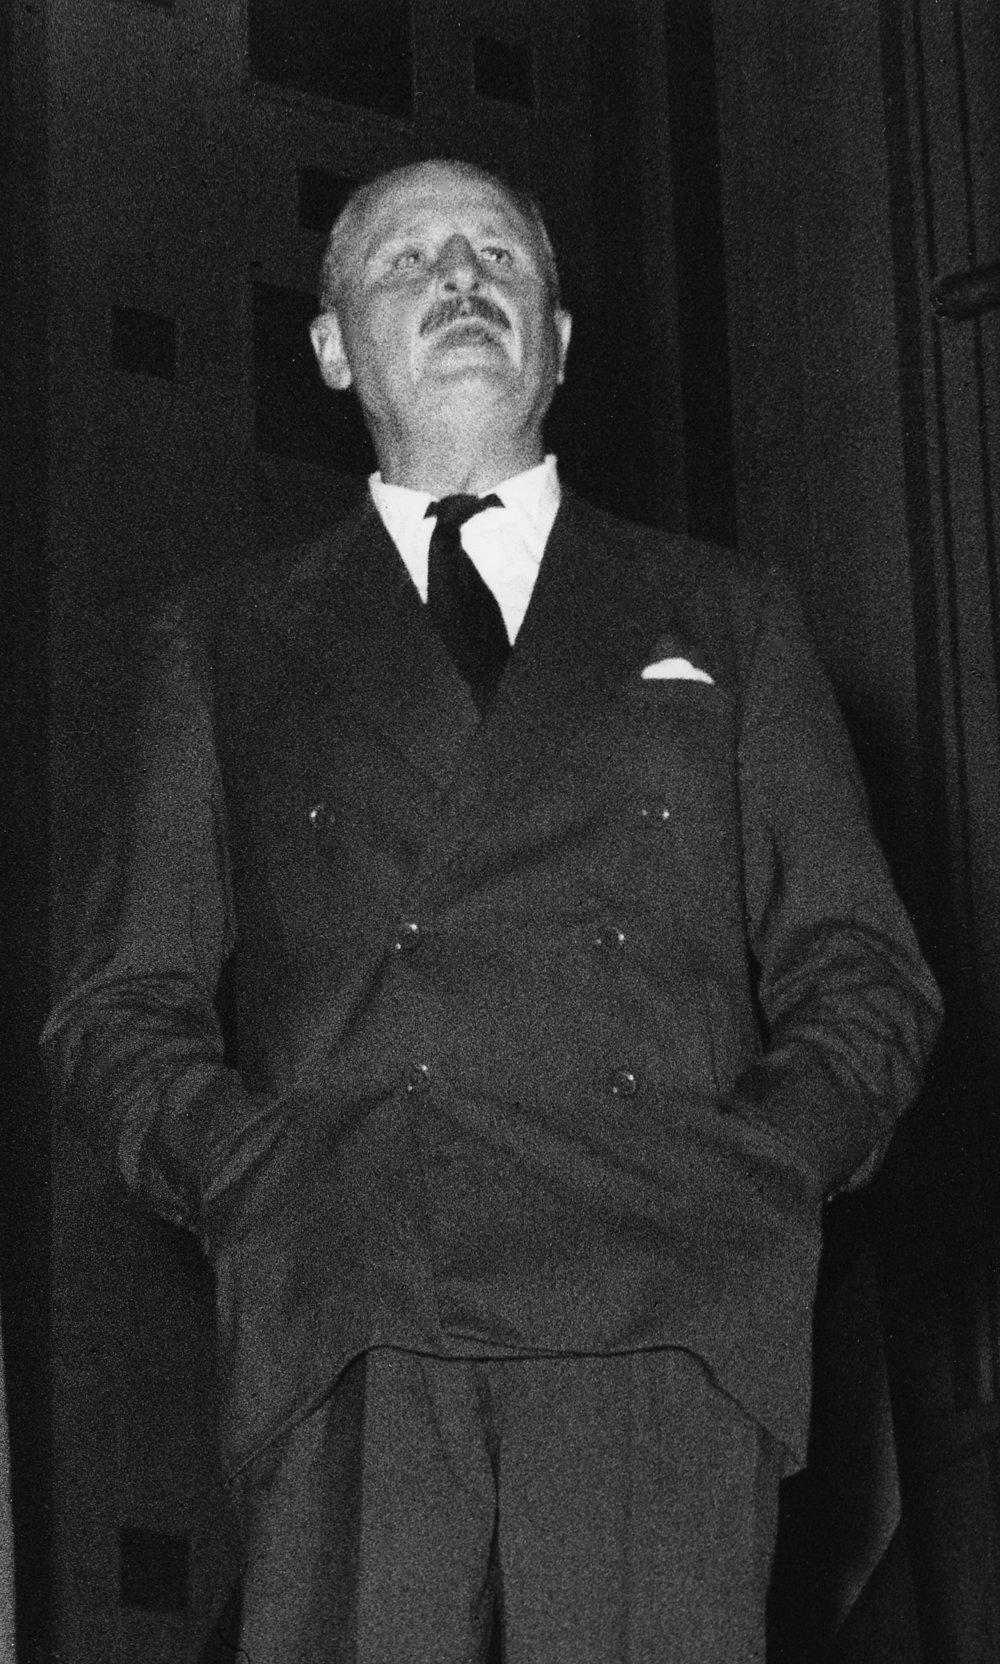 Sir Oswald Mosley_11.19.8_19..jpg